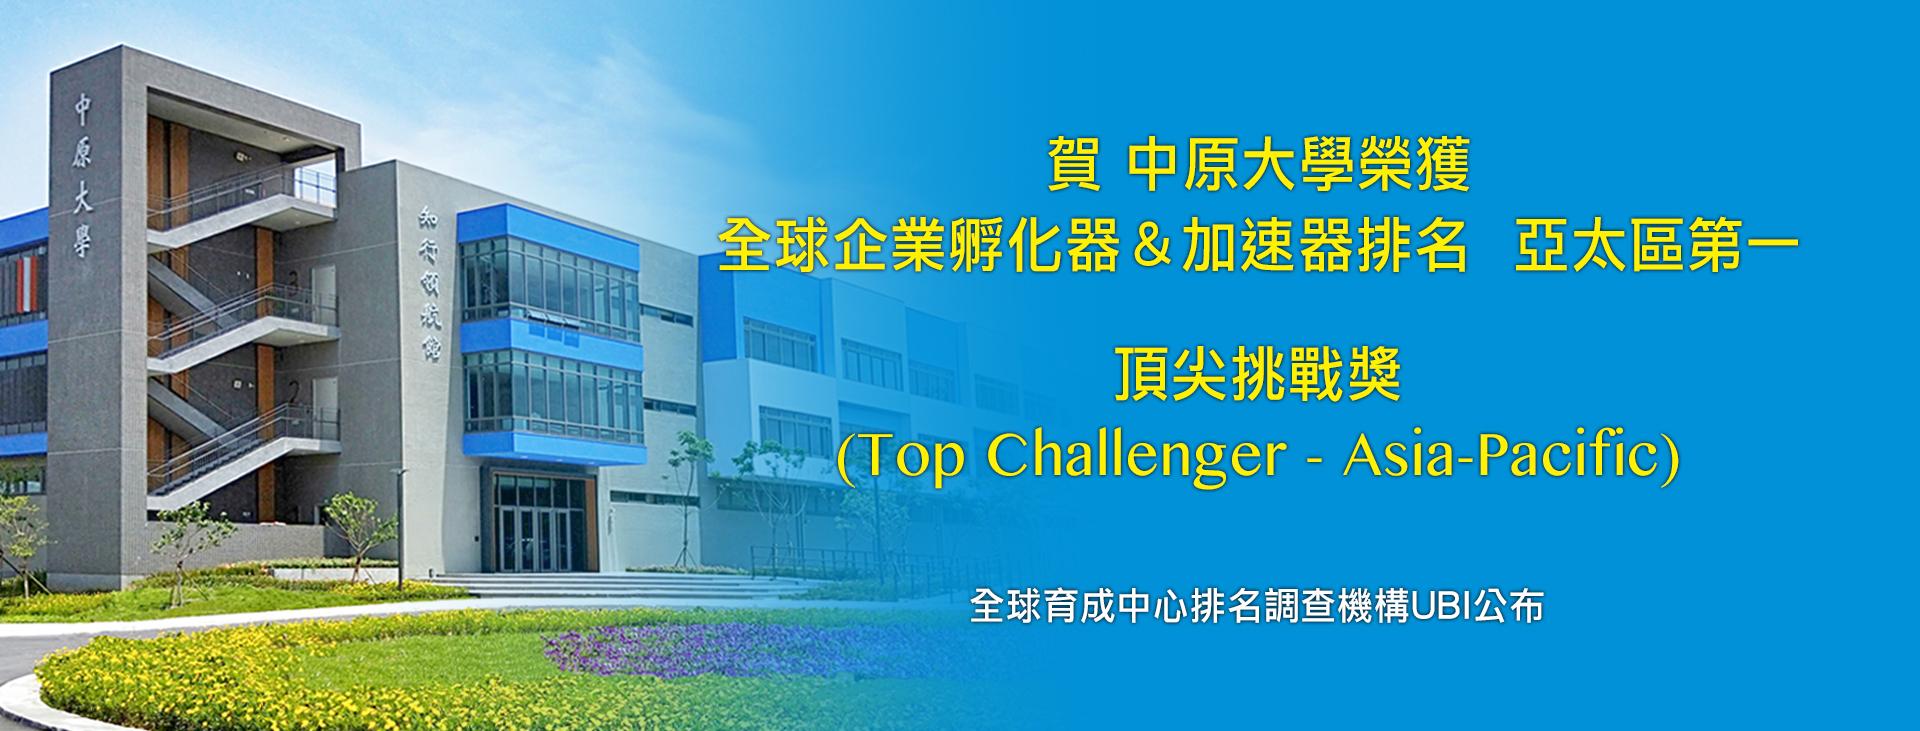 賀本校榮獲全球企業孵化器和加速器亞太區排名第一 (Top Challenger - Asia-Pacific)